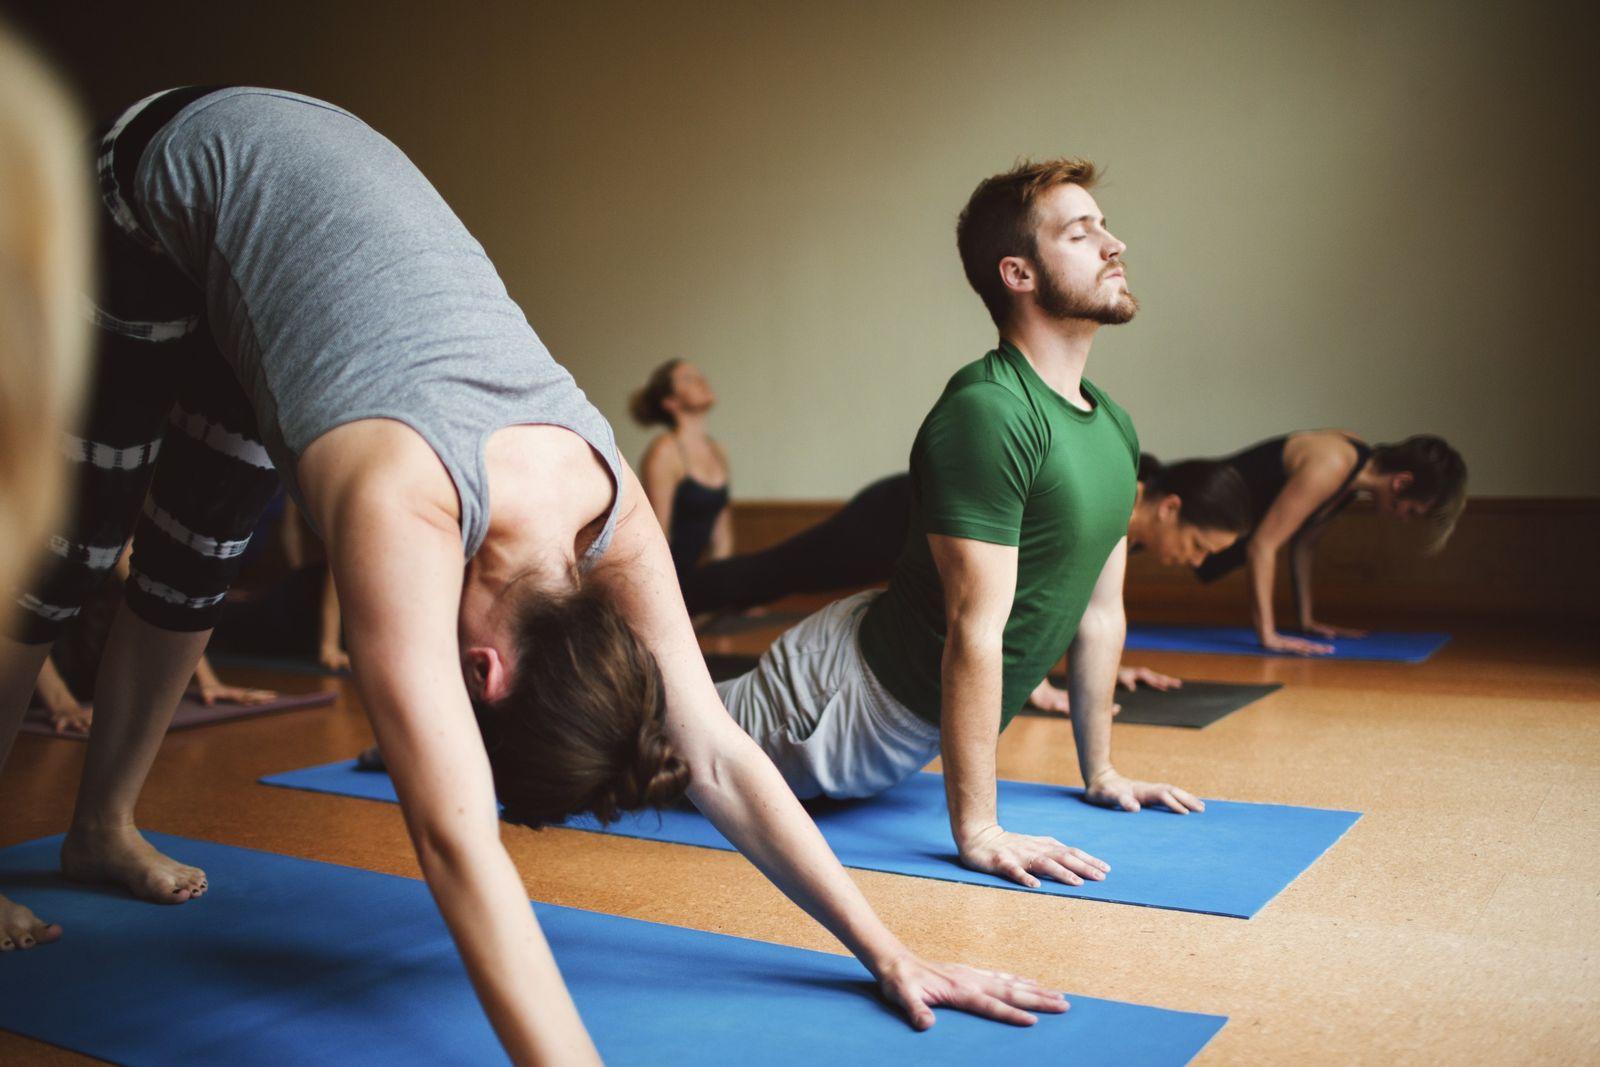 NICHT MEHR VERWENDEN! - Bewegung/ Yoga/ Faszien